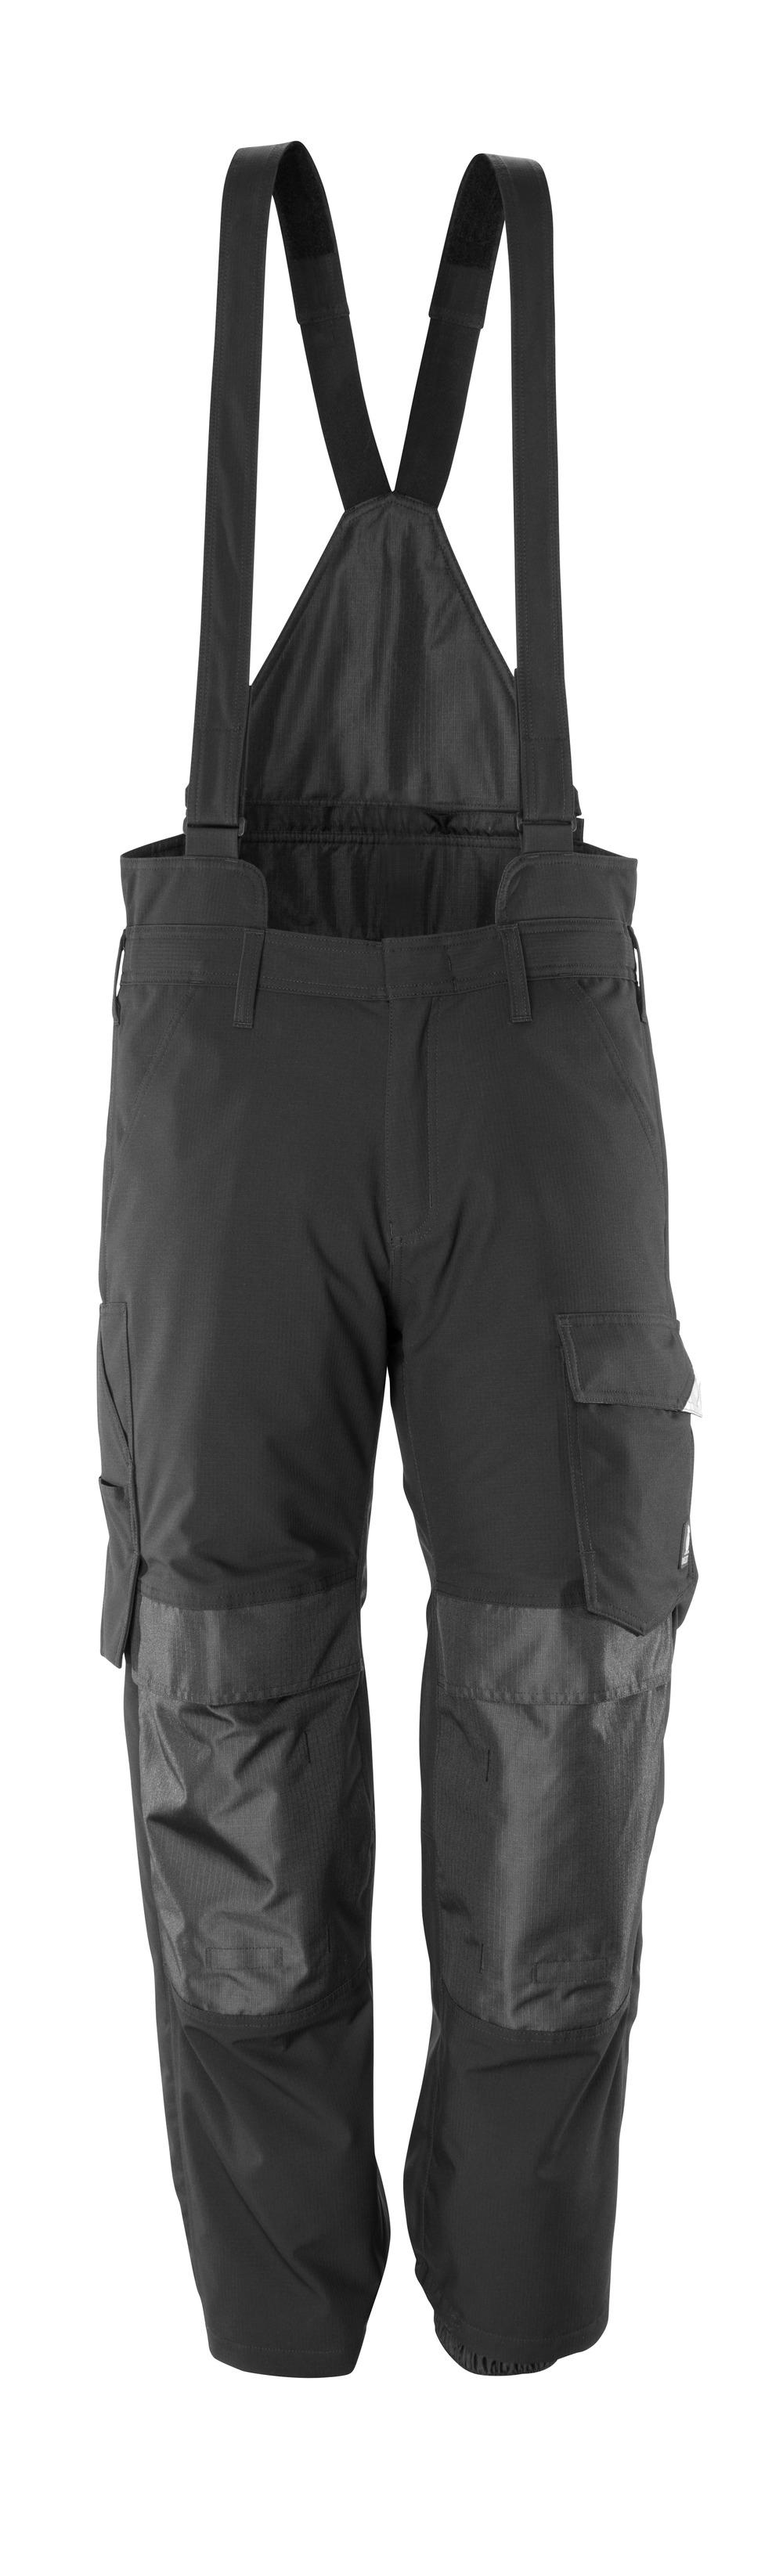 17090-222-09 Surpantalon avec poches genouillères - Noir